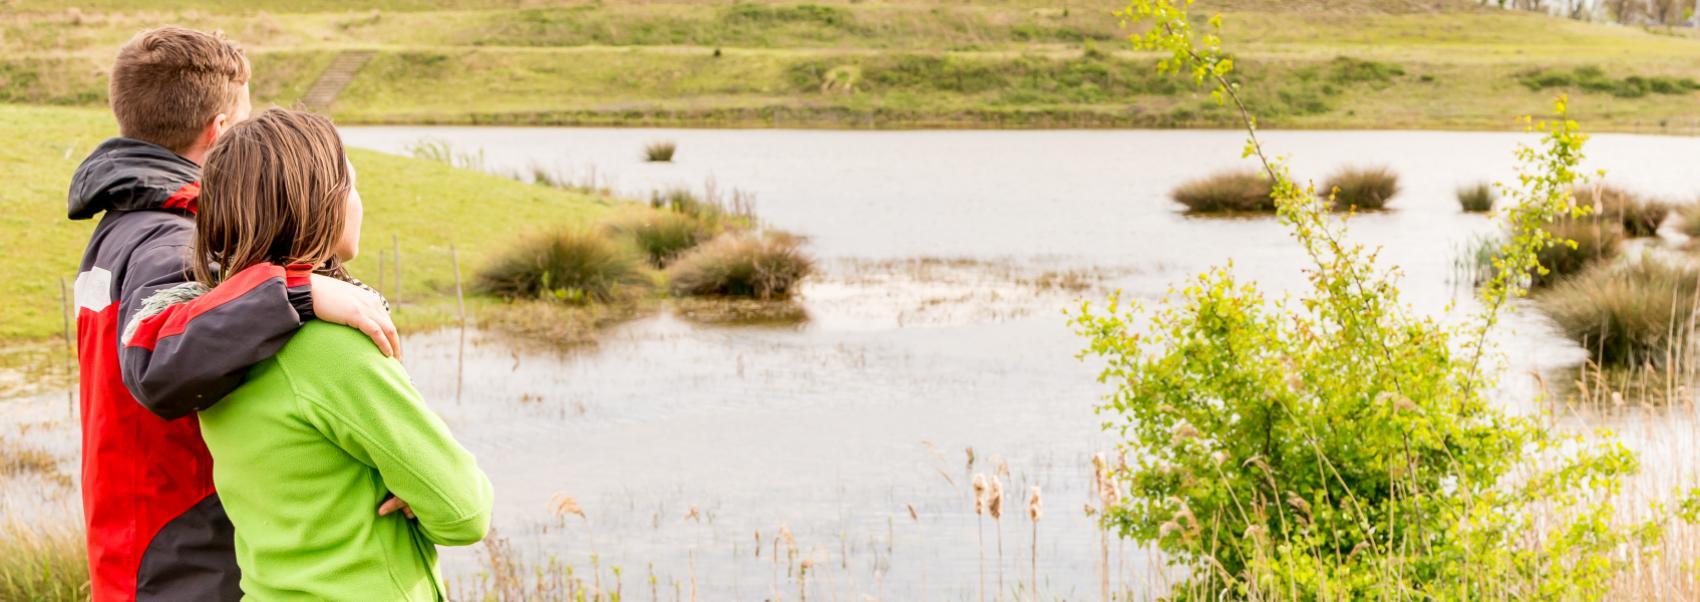 2 mensen turend over het water en landschap